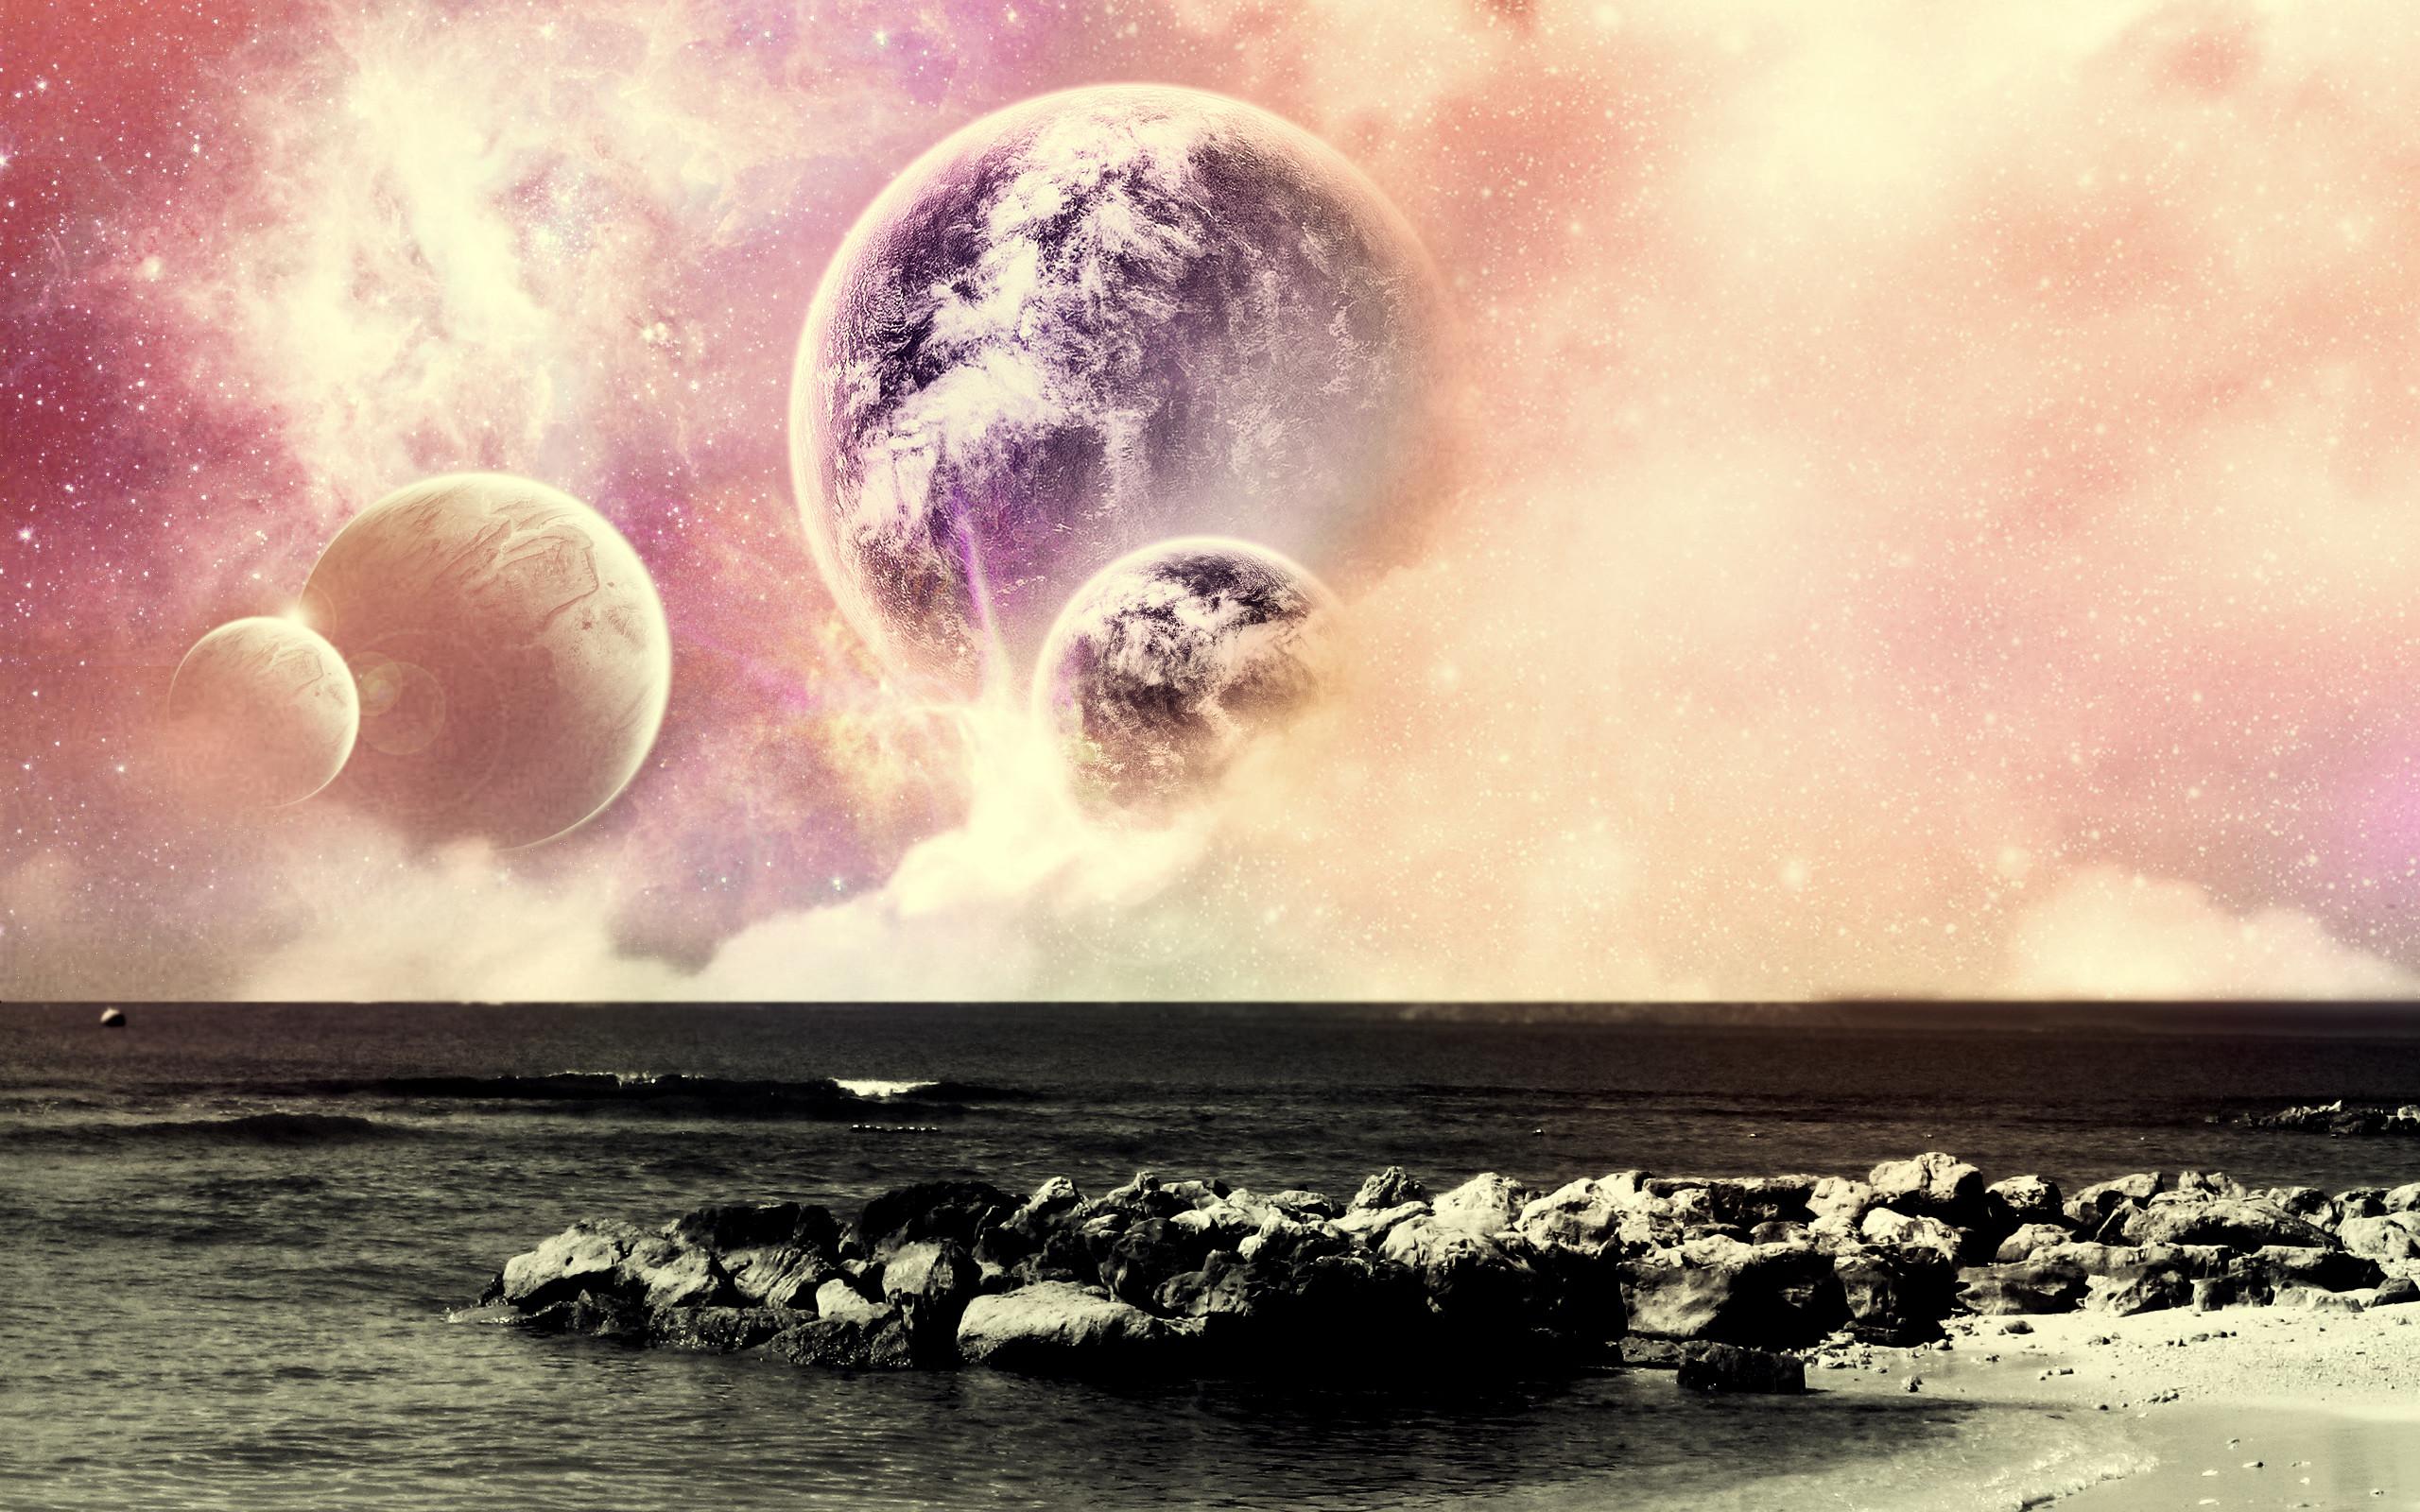 Sfondi fantasy 63 immagini for Immagini desktop hd 3d